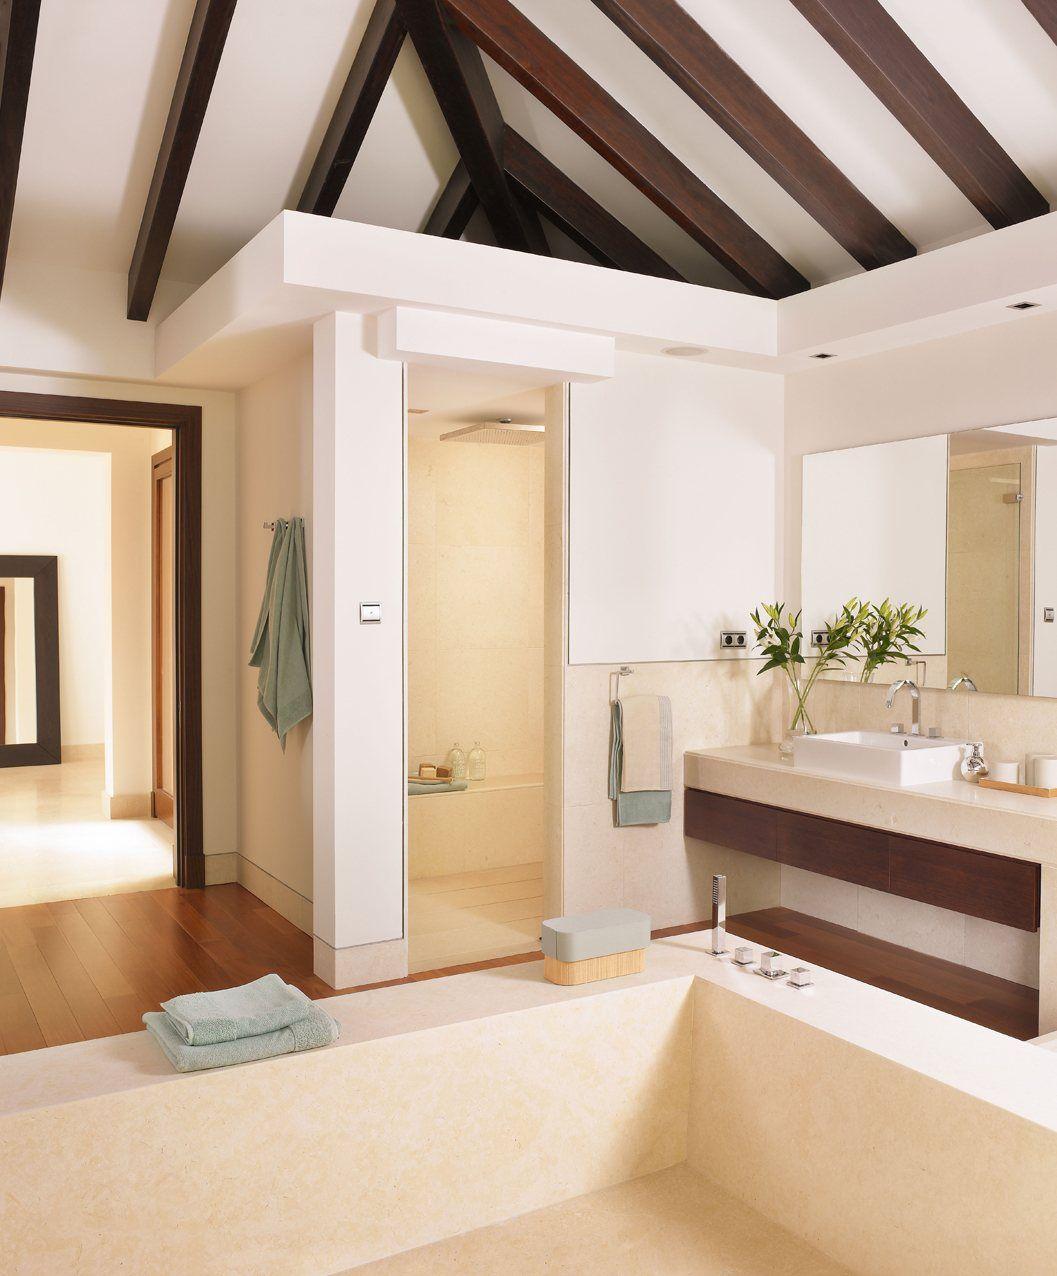 Un baño perfecto para relajarse | Perfecta, Baño y Baños